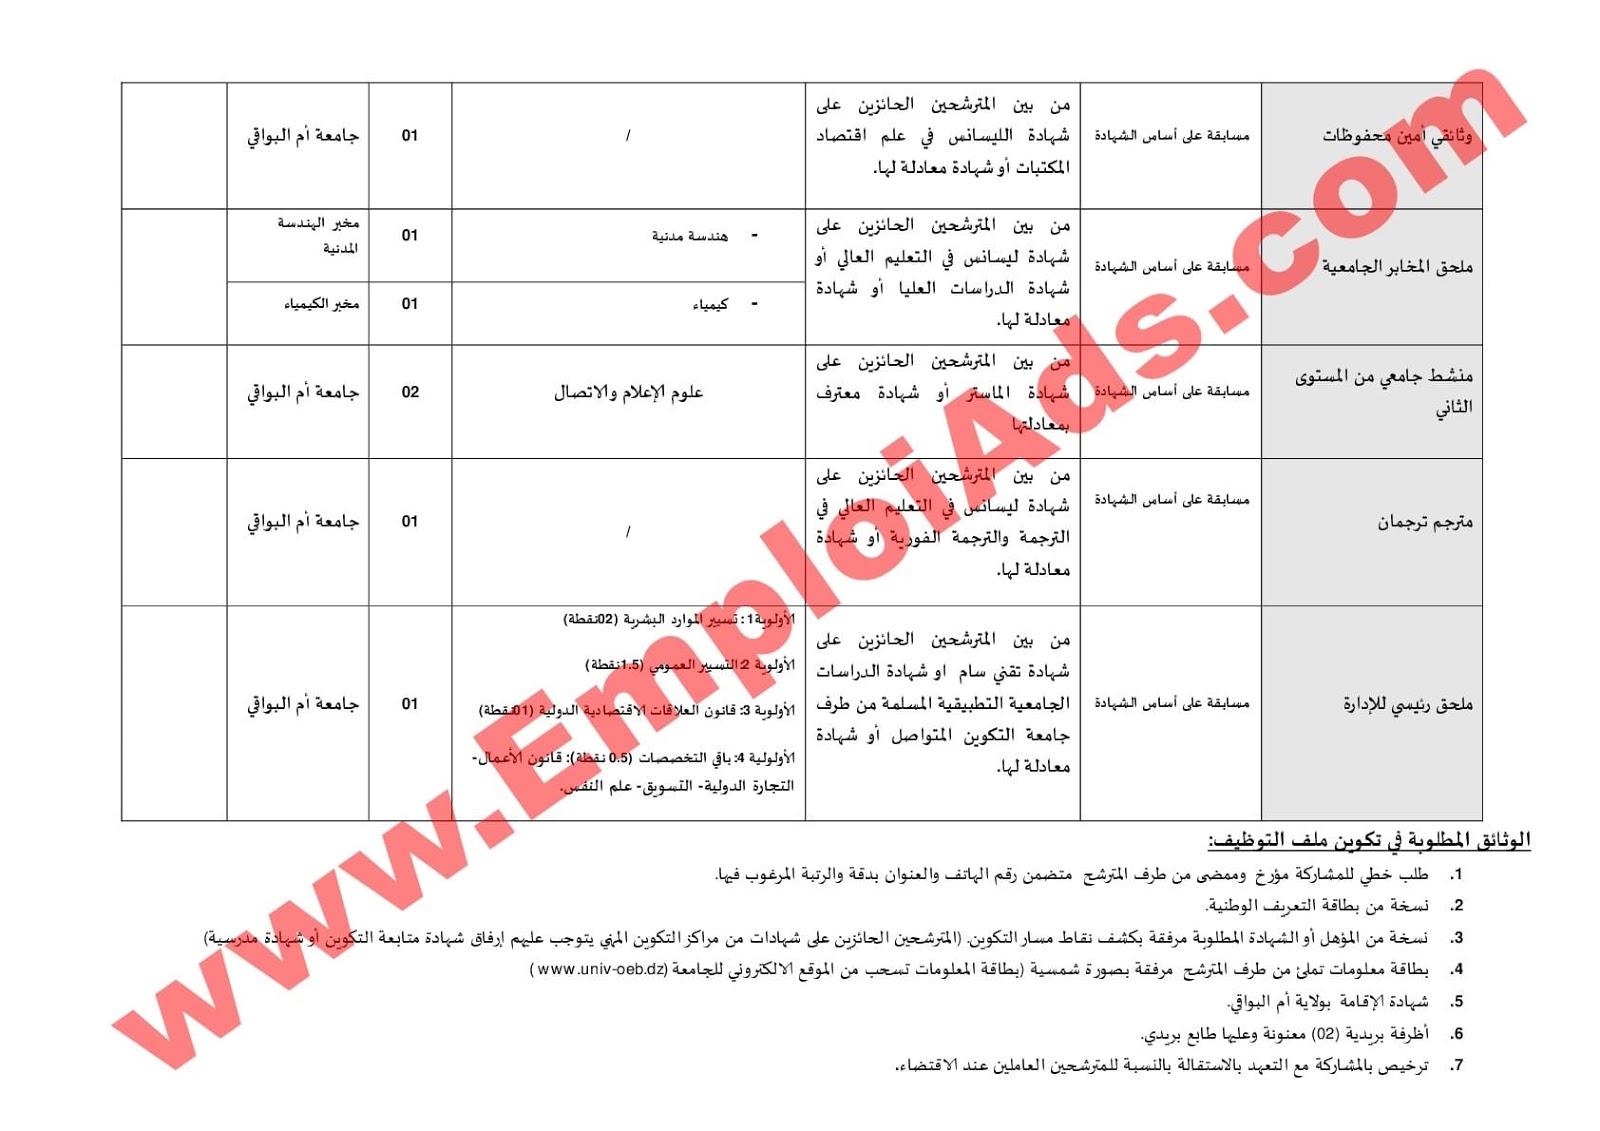 إعلان مسابقة توظيف اداريين بجامعة ام البواقي جويلية 2017